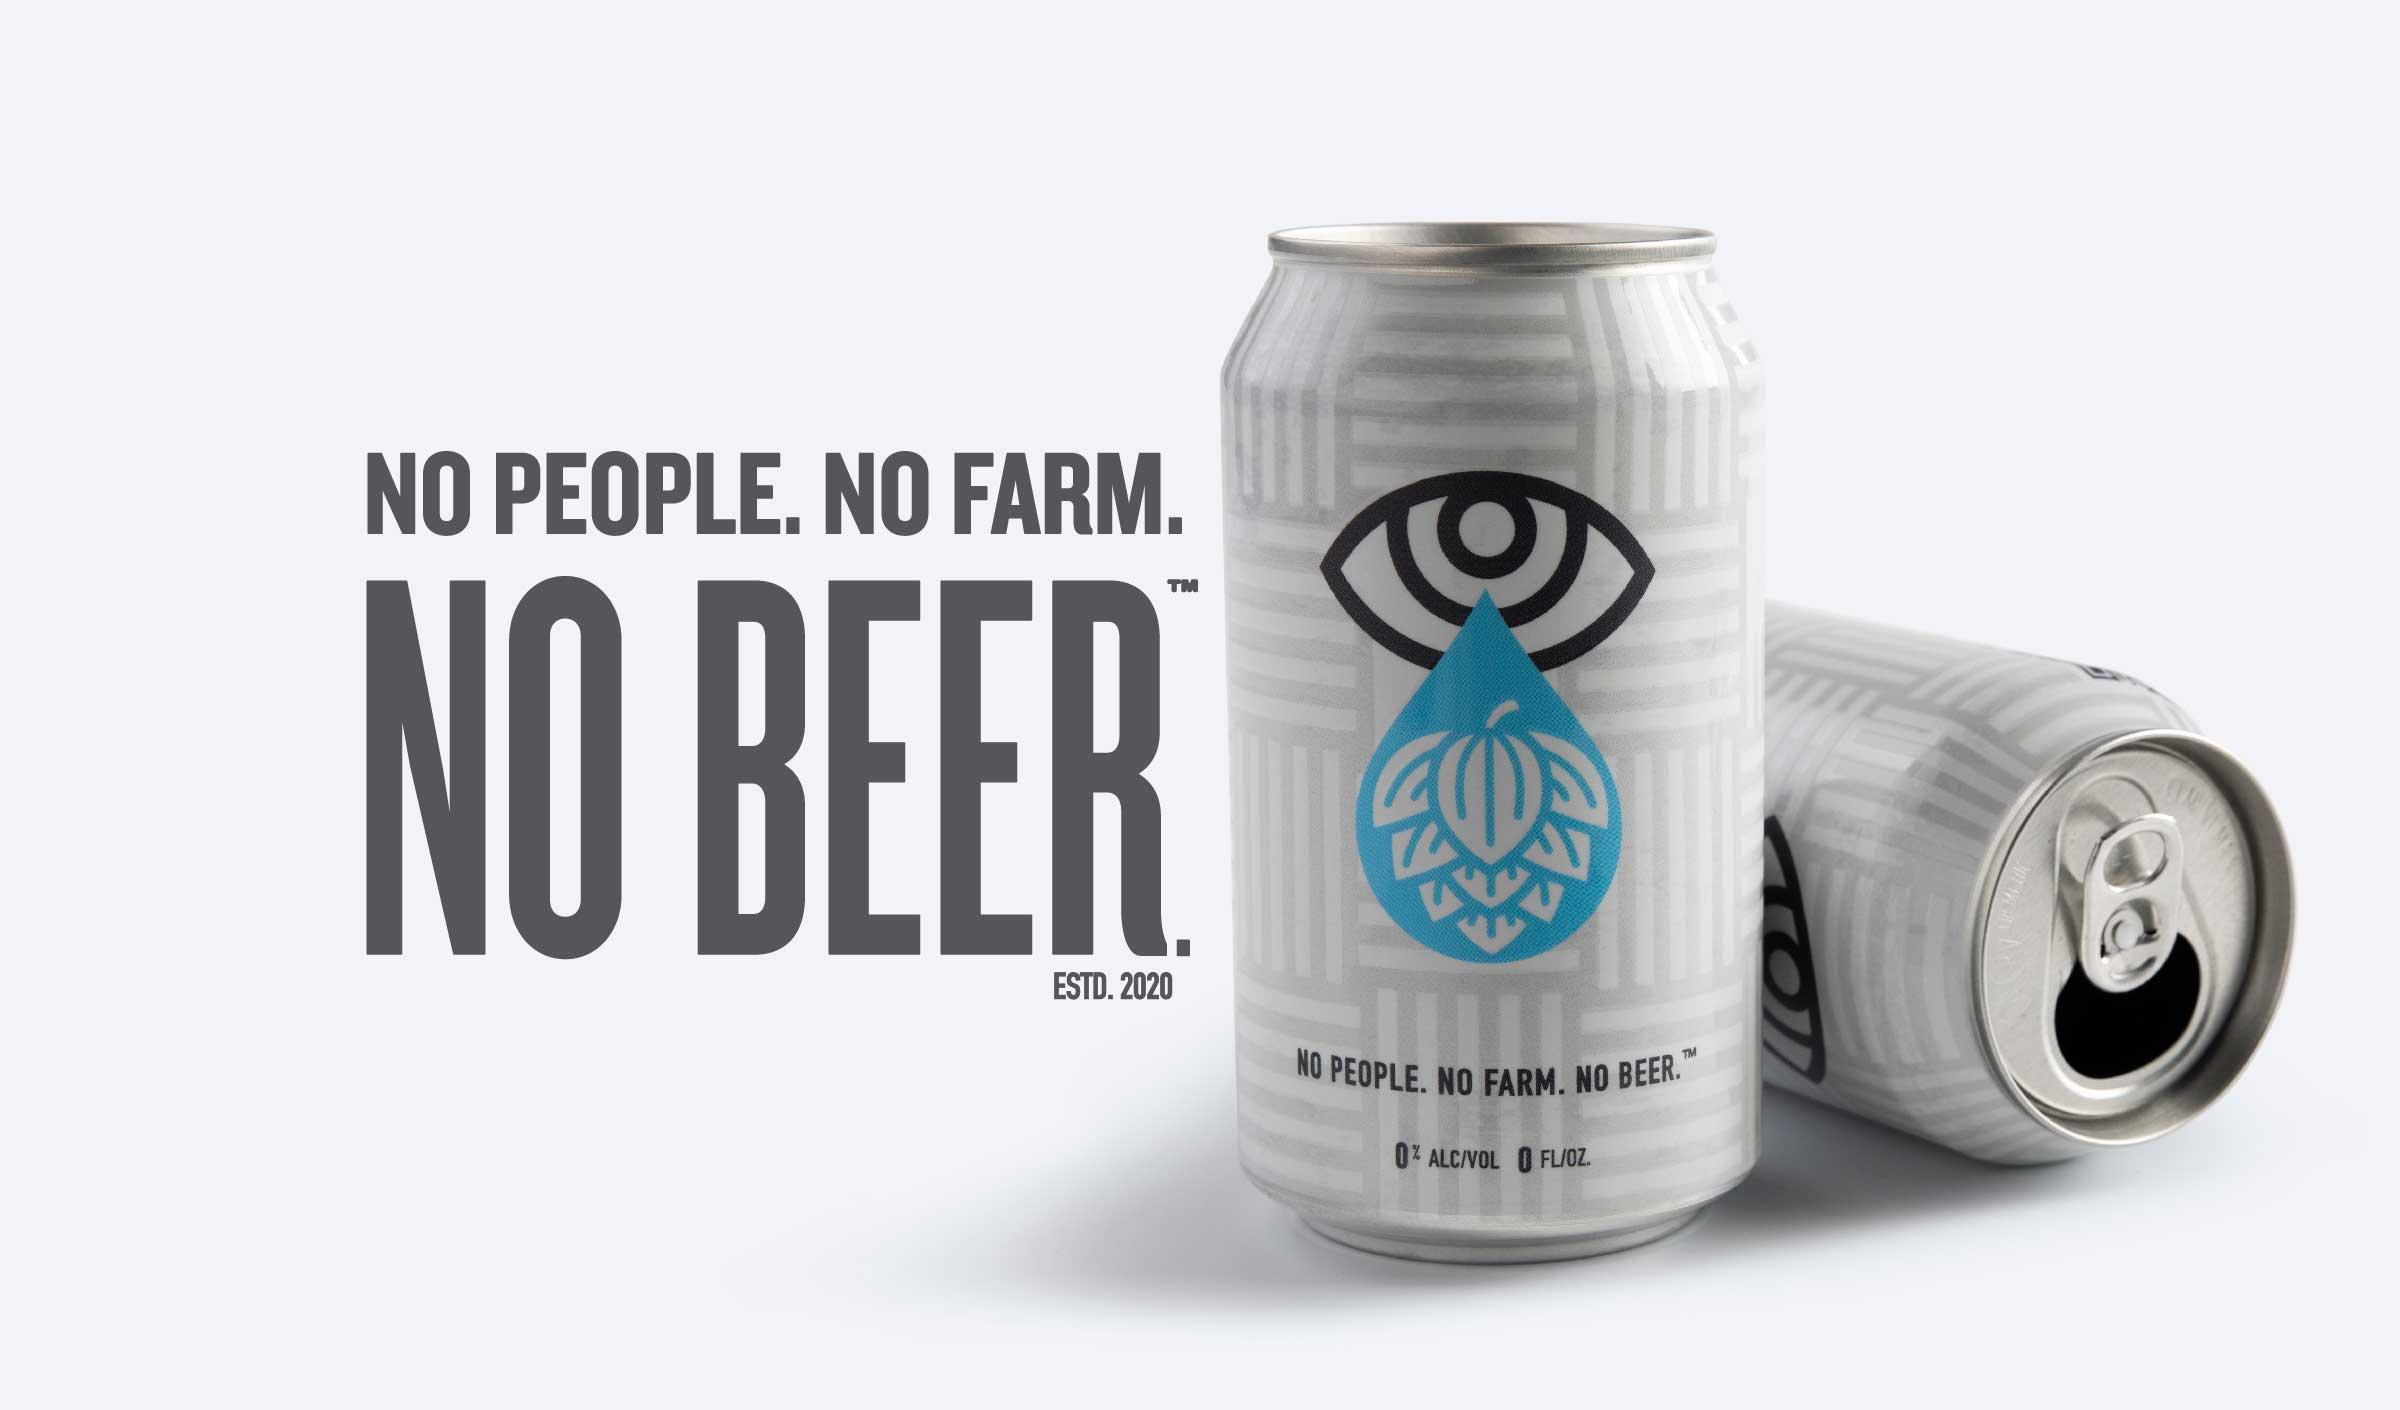 No Hops. No Beer.